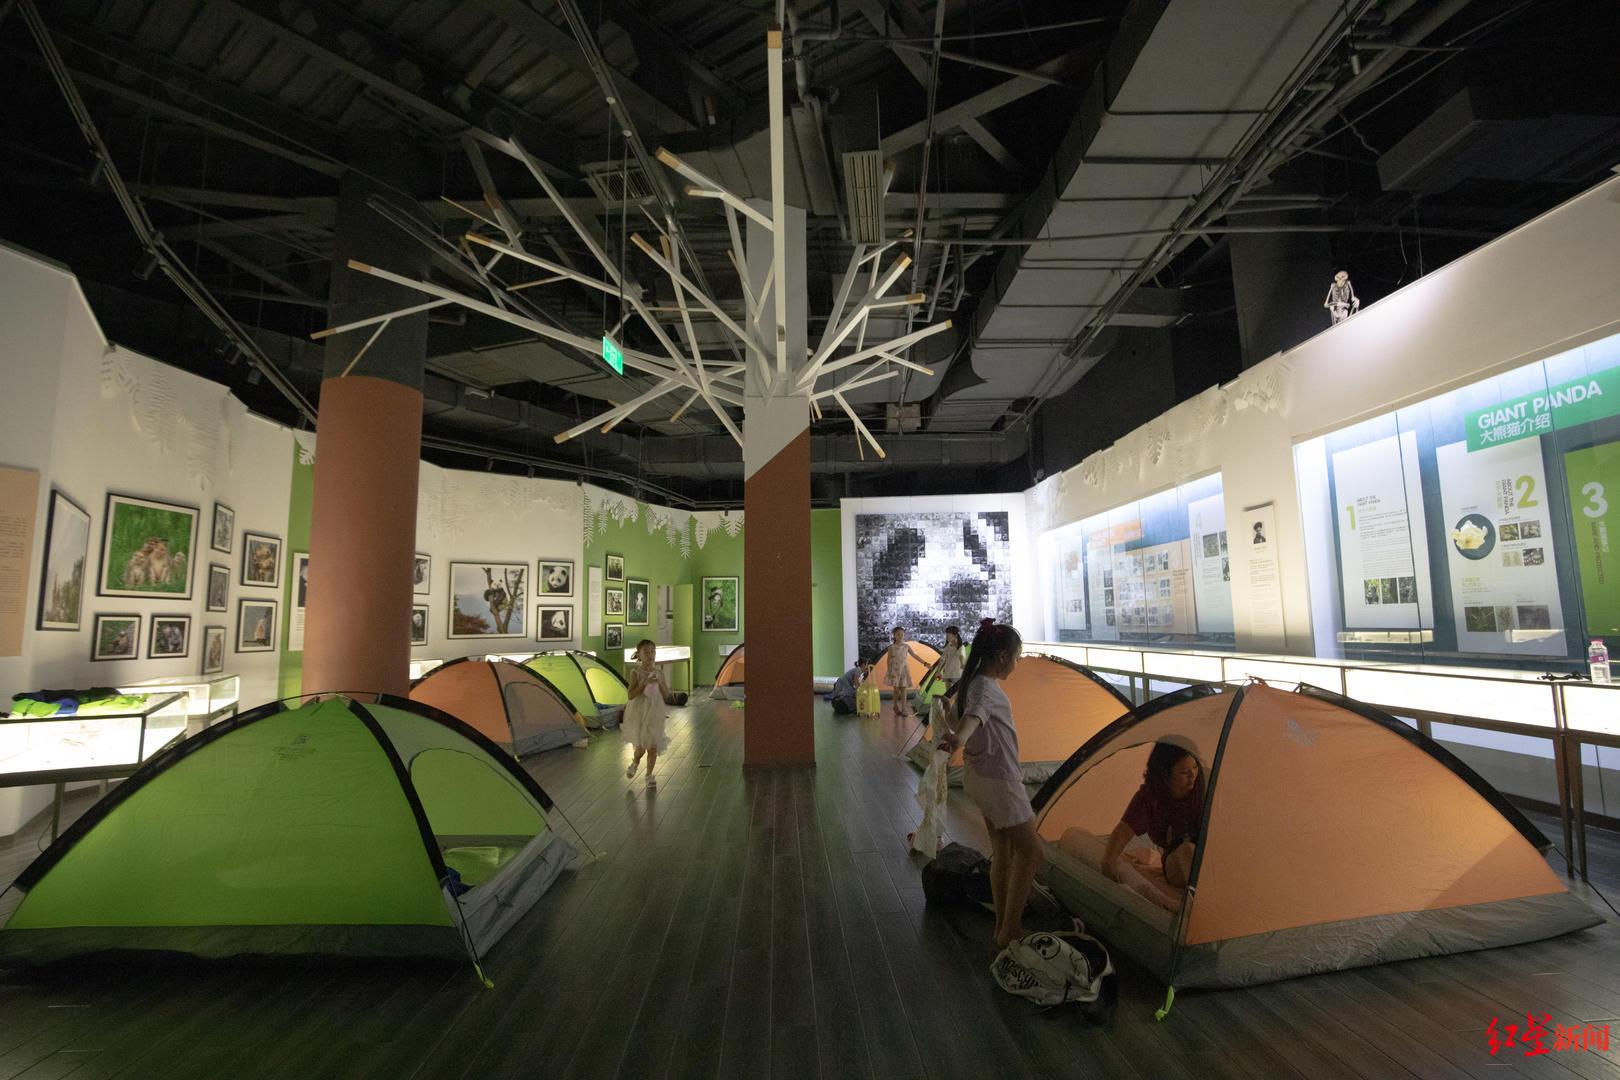 小朋友自己搭帐篷在博物馆过夜.jpg